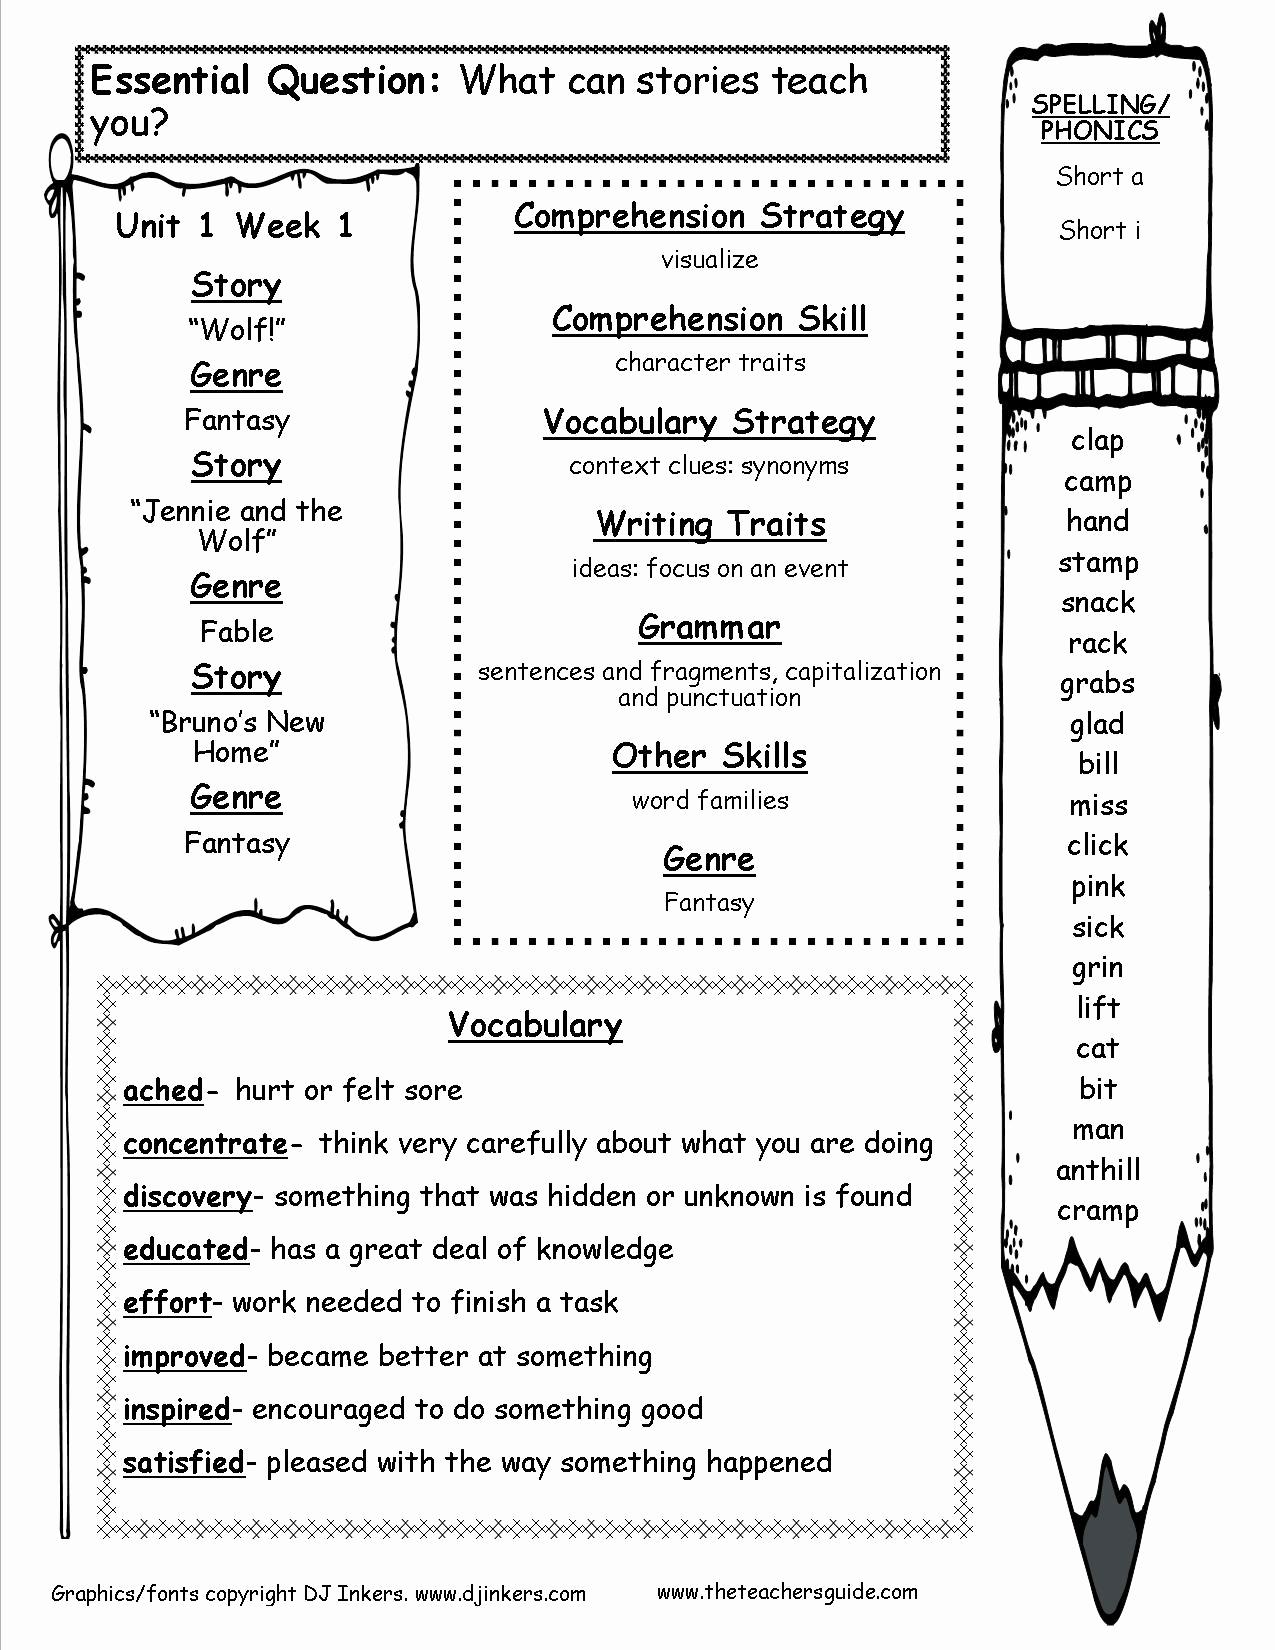 Proofreading Worksheets 3rd Grade Elegant Worksheets Pages High School English Worksheets